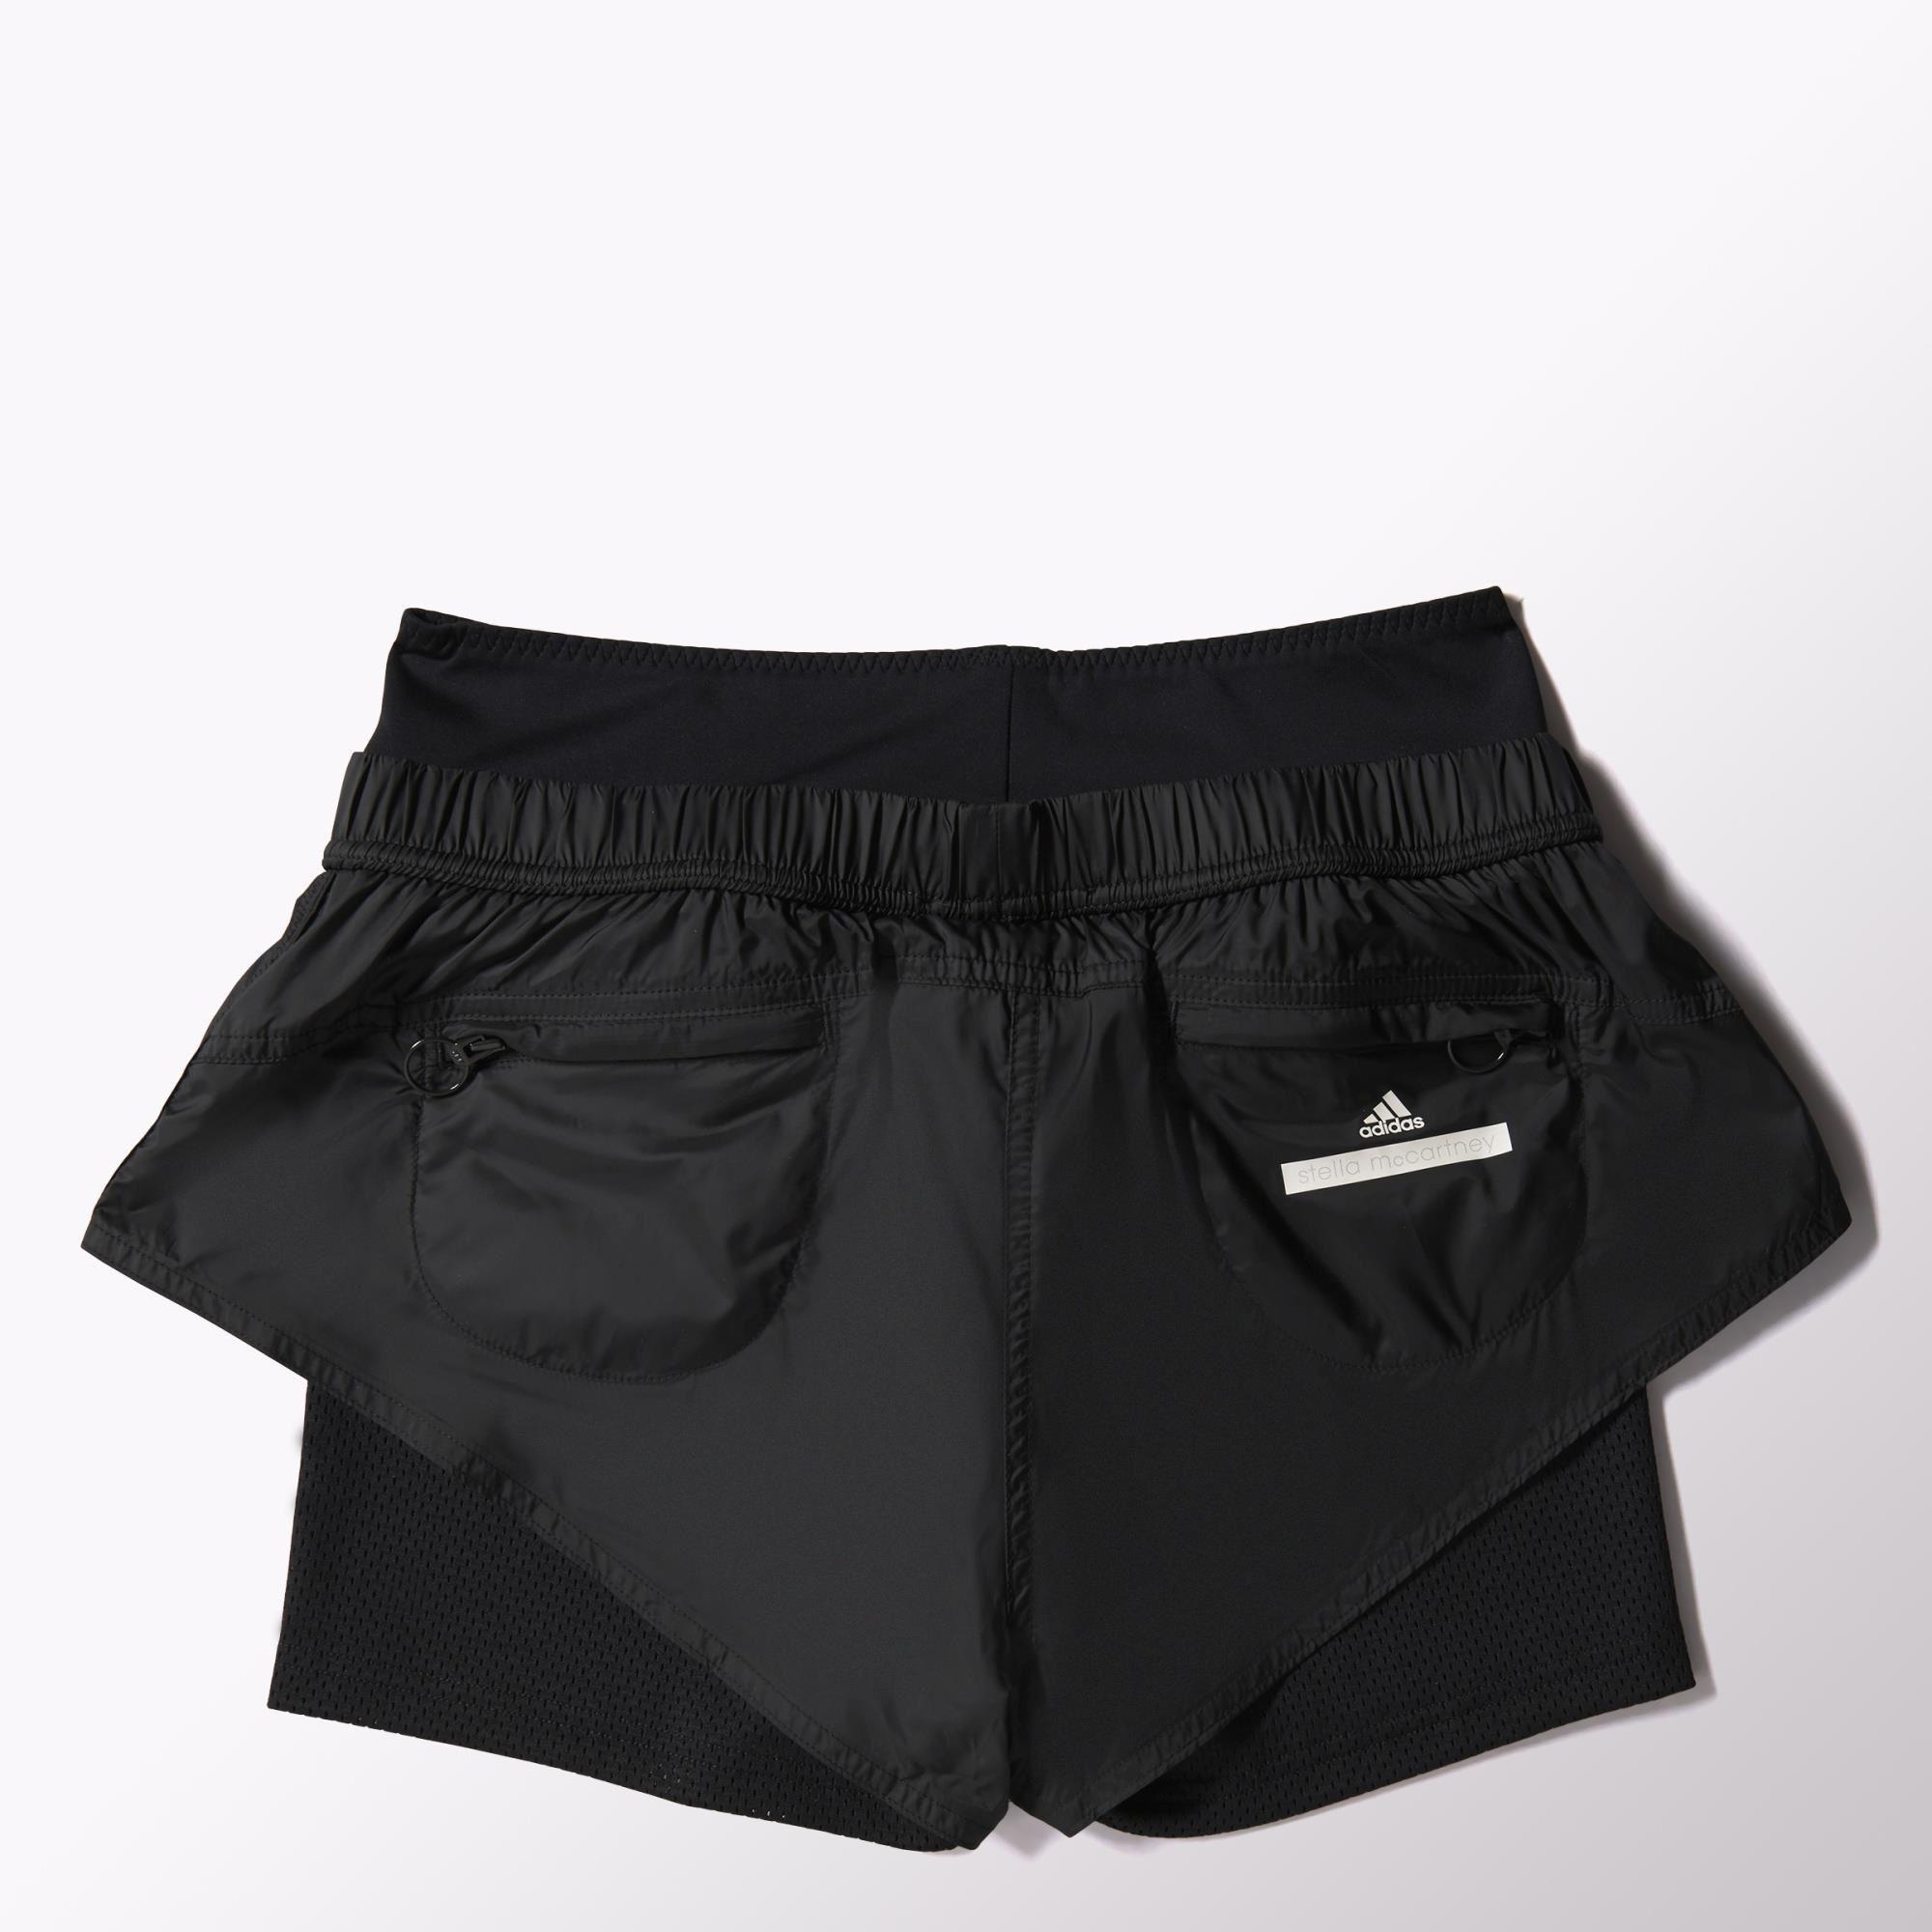 cesar Ten confianza Delincuente  adidas Shorts para Correr Stella McCartney Mujer   adidas Mexico   Ropa  deportiva mujer, Ropa deportiva, Ropa